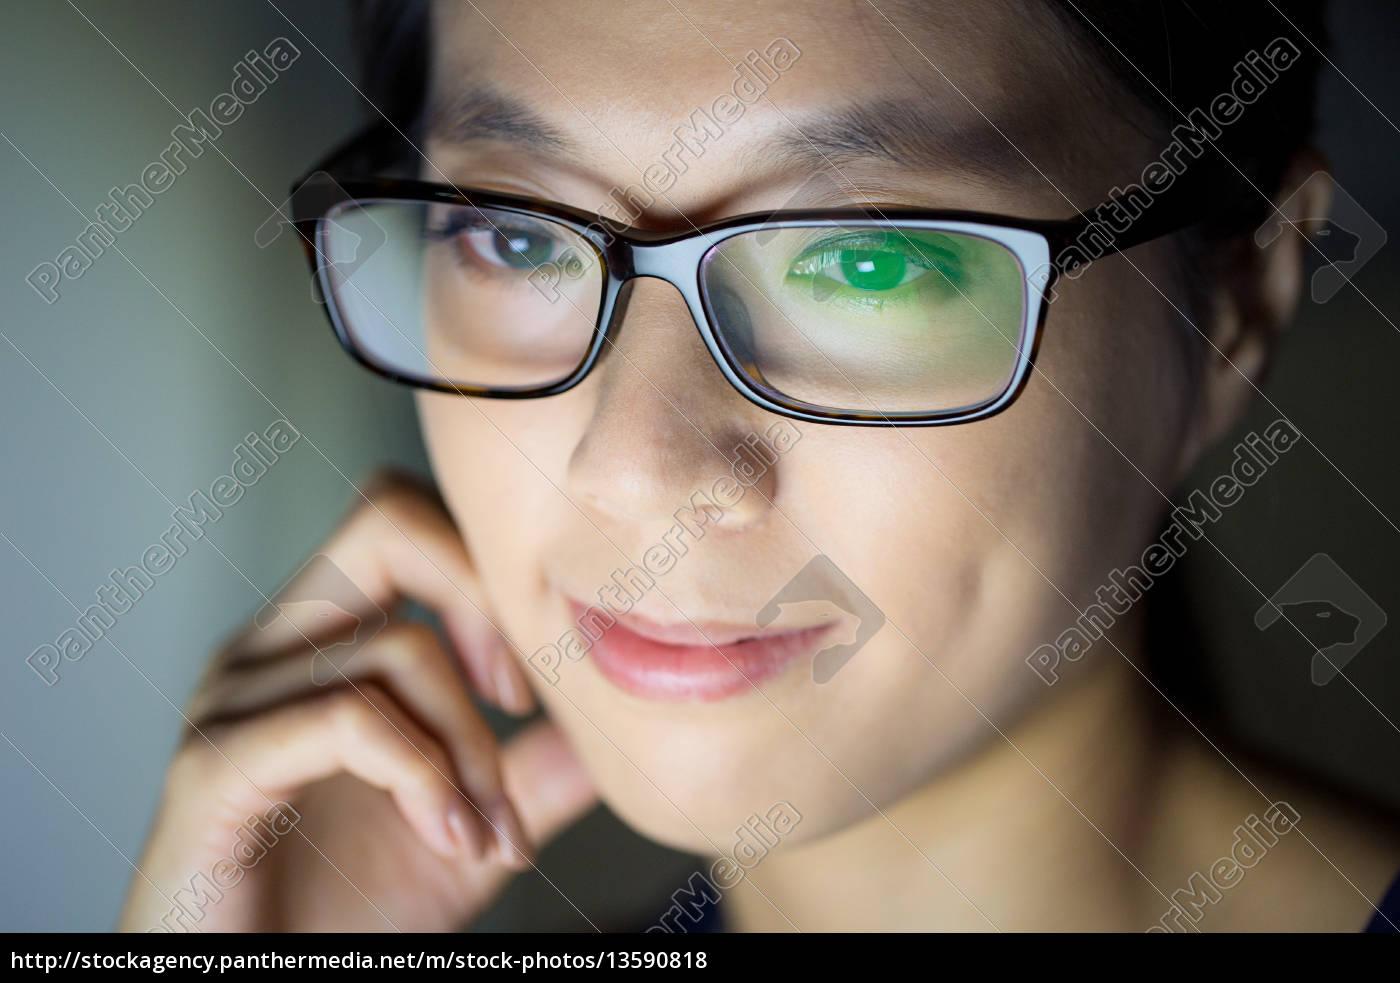 woman, look, at, computer, screen - 13590818